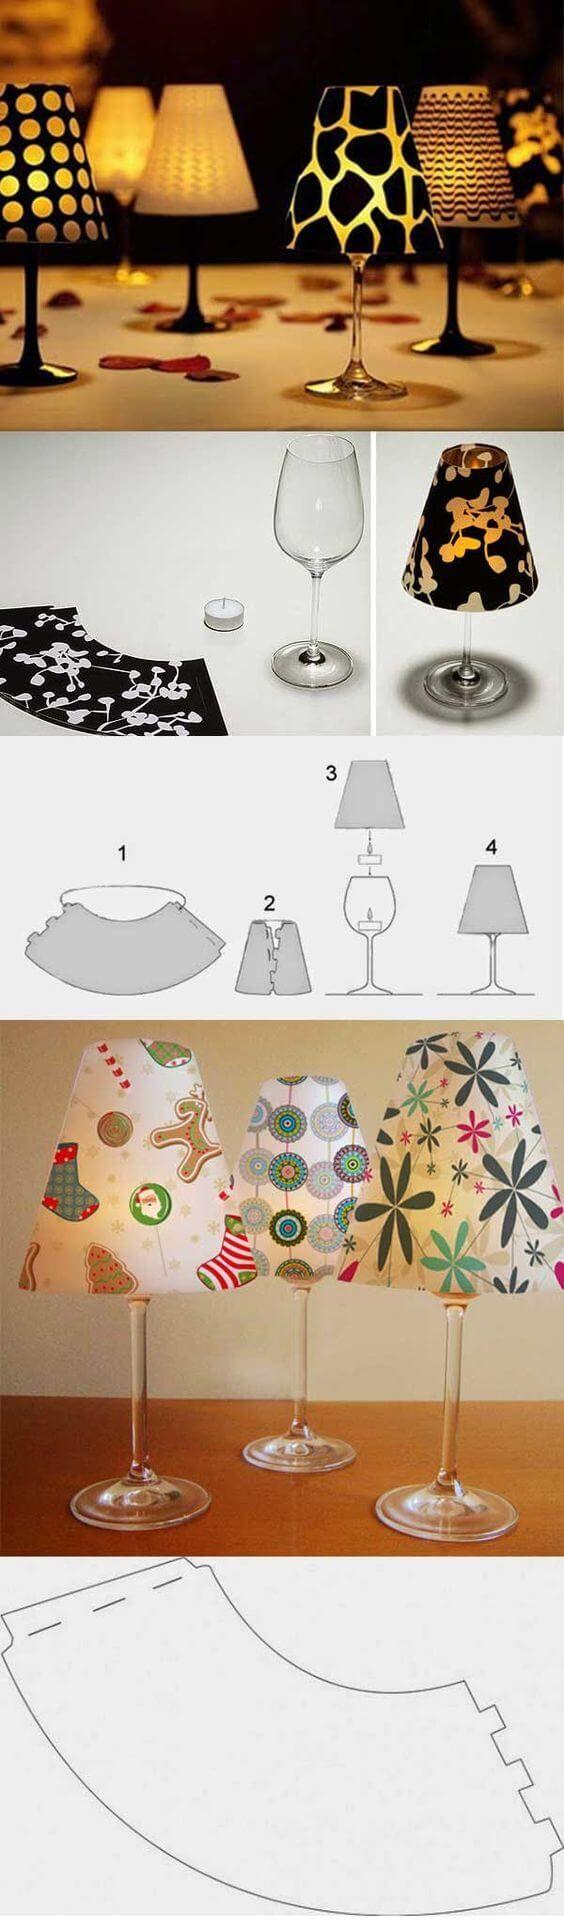 34 der kreativsten DIY Lampen und Lampenschirme